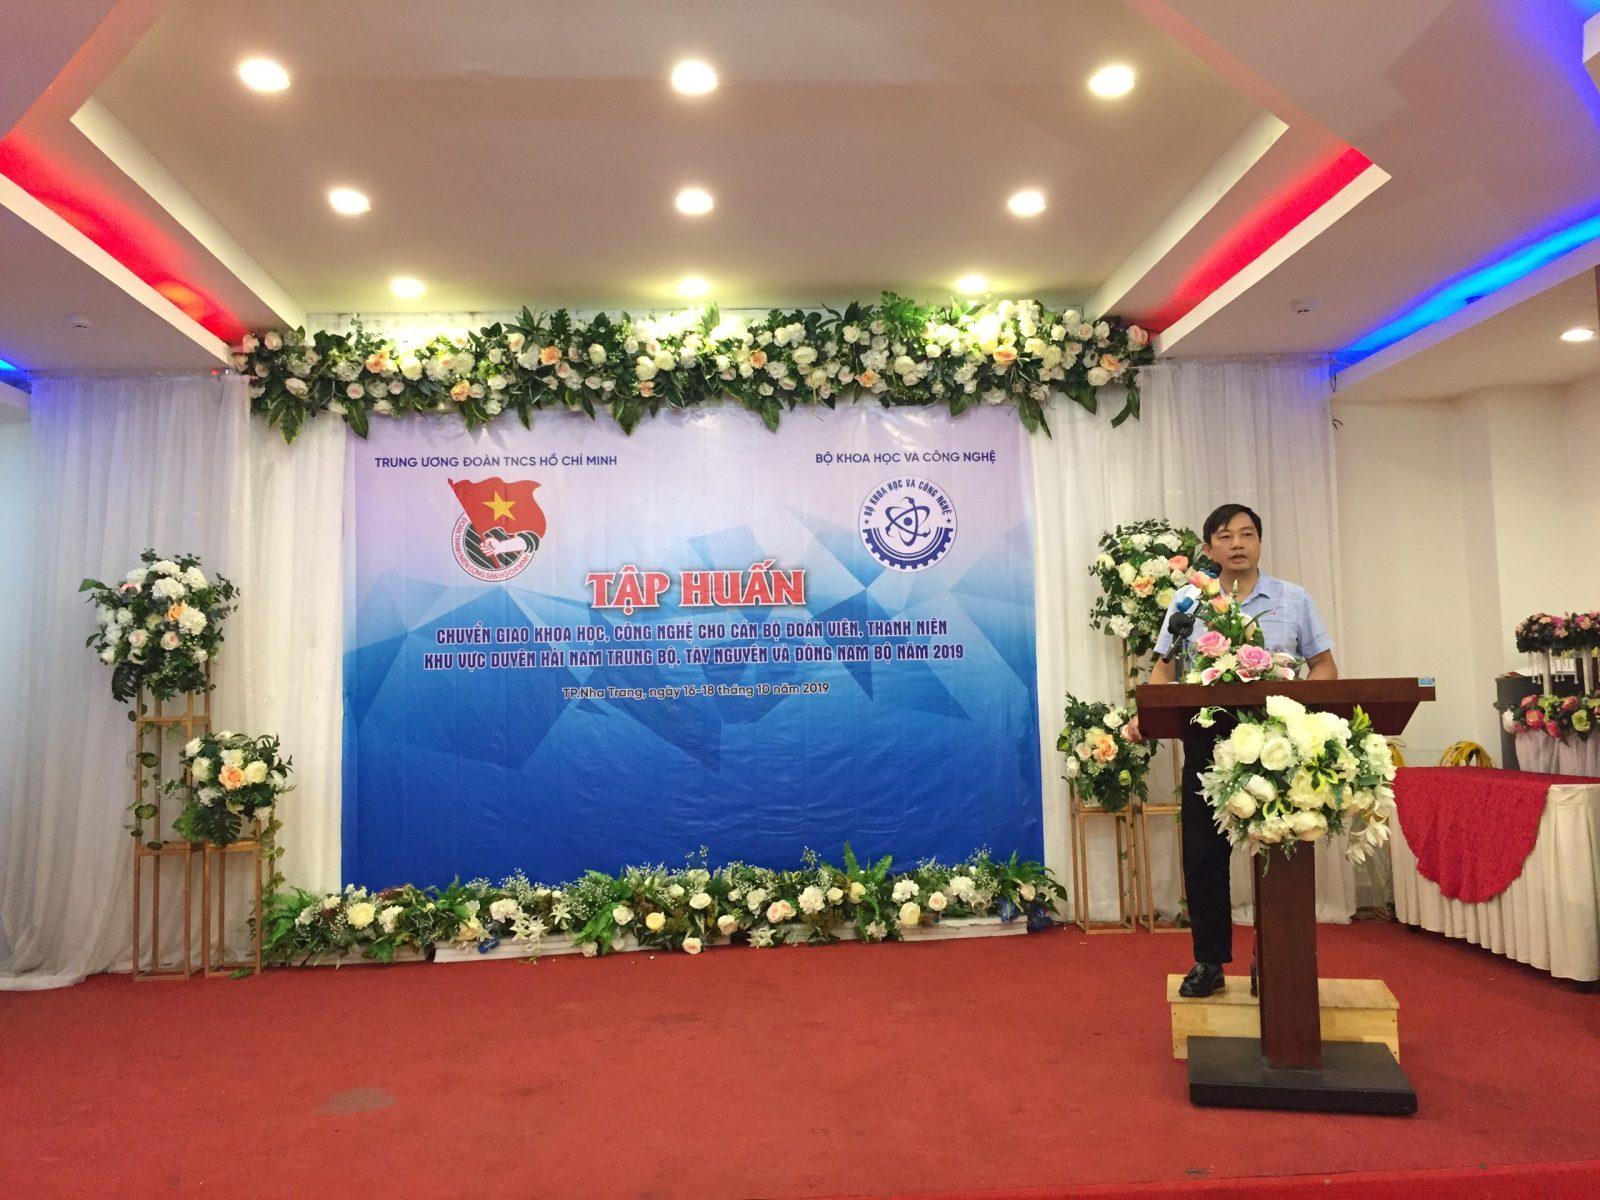 Đồng chí Phạm Kiều Hưng – Phó Giám đốc Phụ trách Trung tâm Phát triển khoa học, công nghệ và Tài năng trẻ Trung ương Đoàn phát biểu khai mạc lớp tập huấn